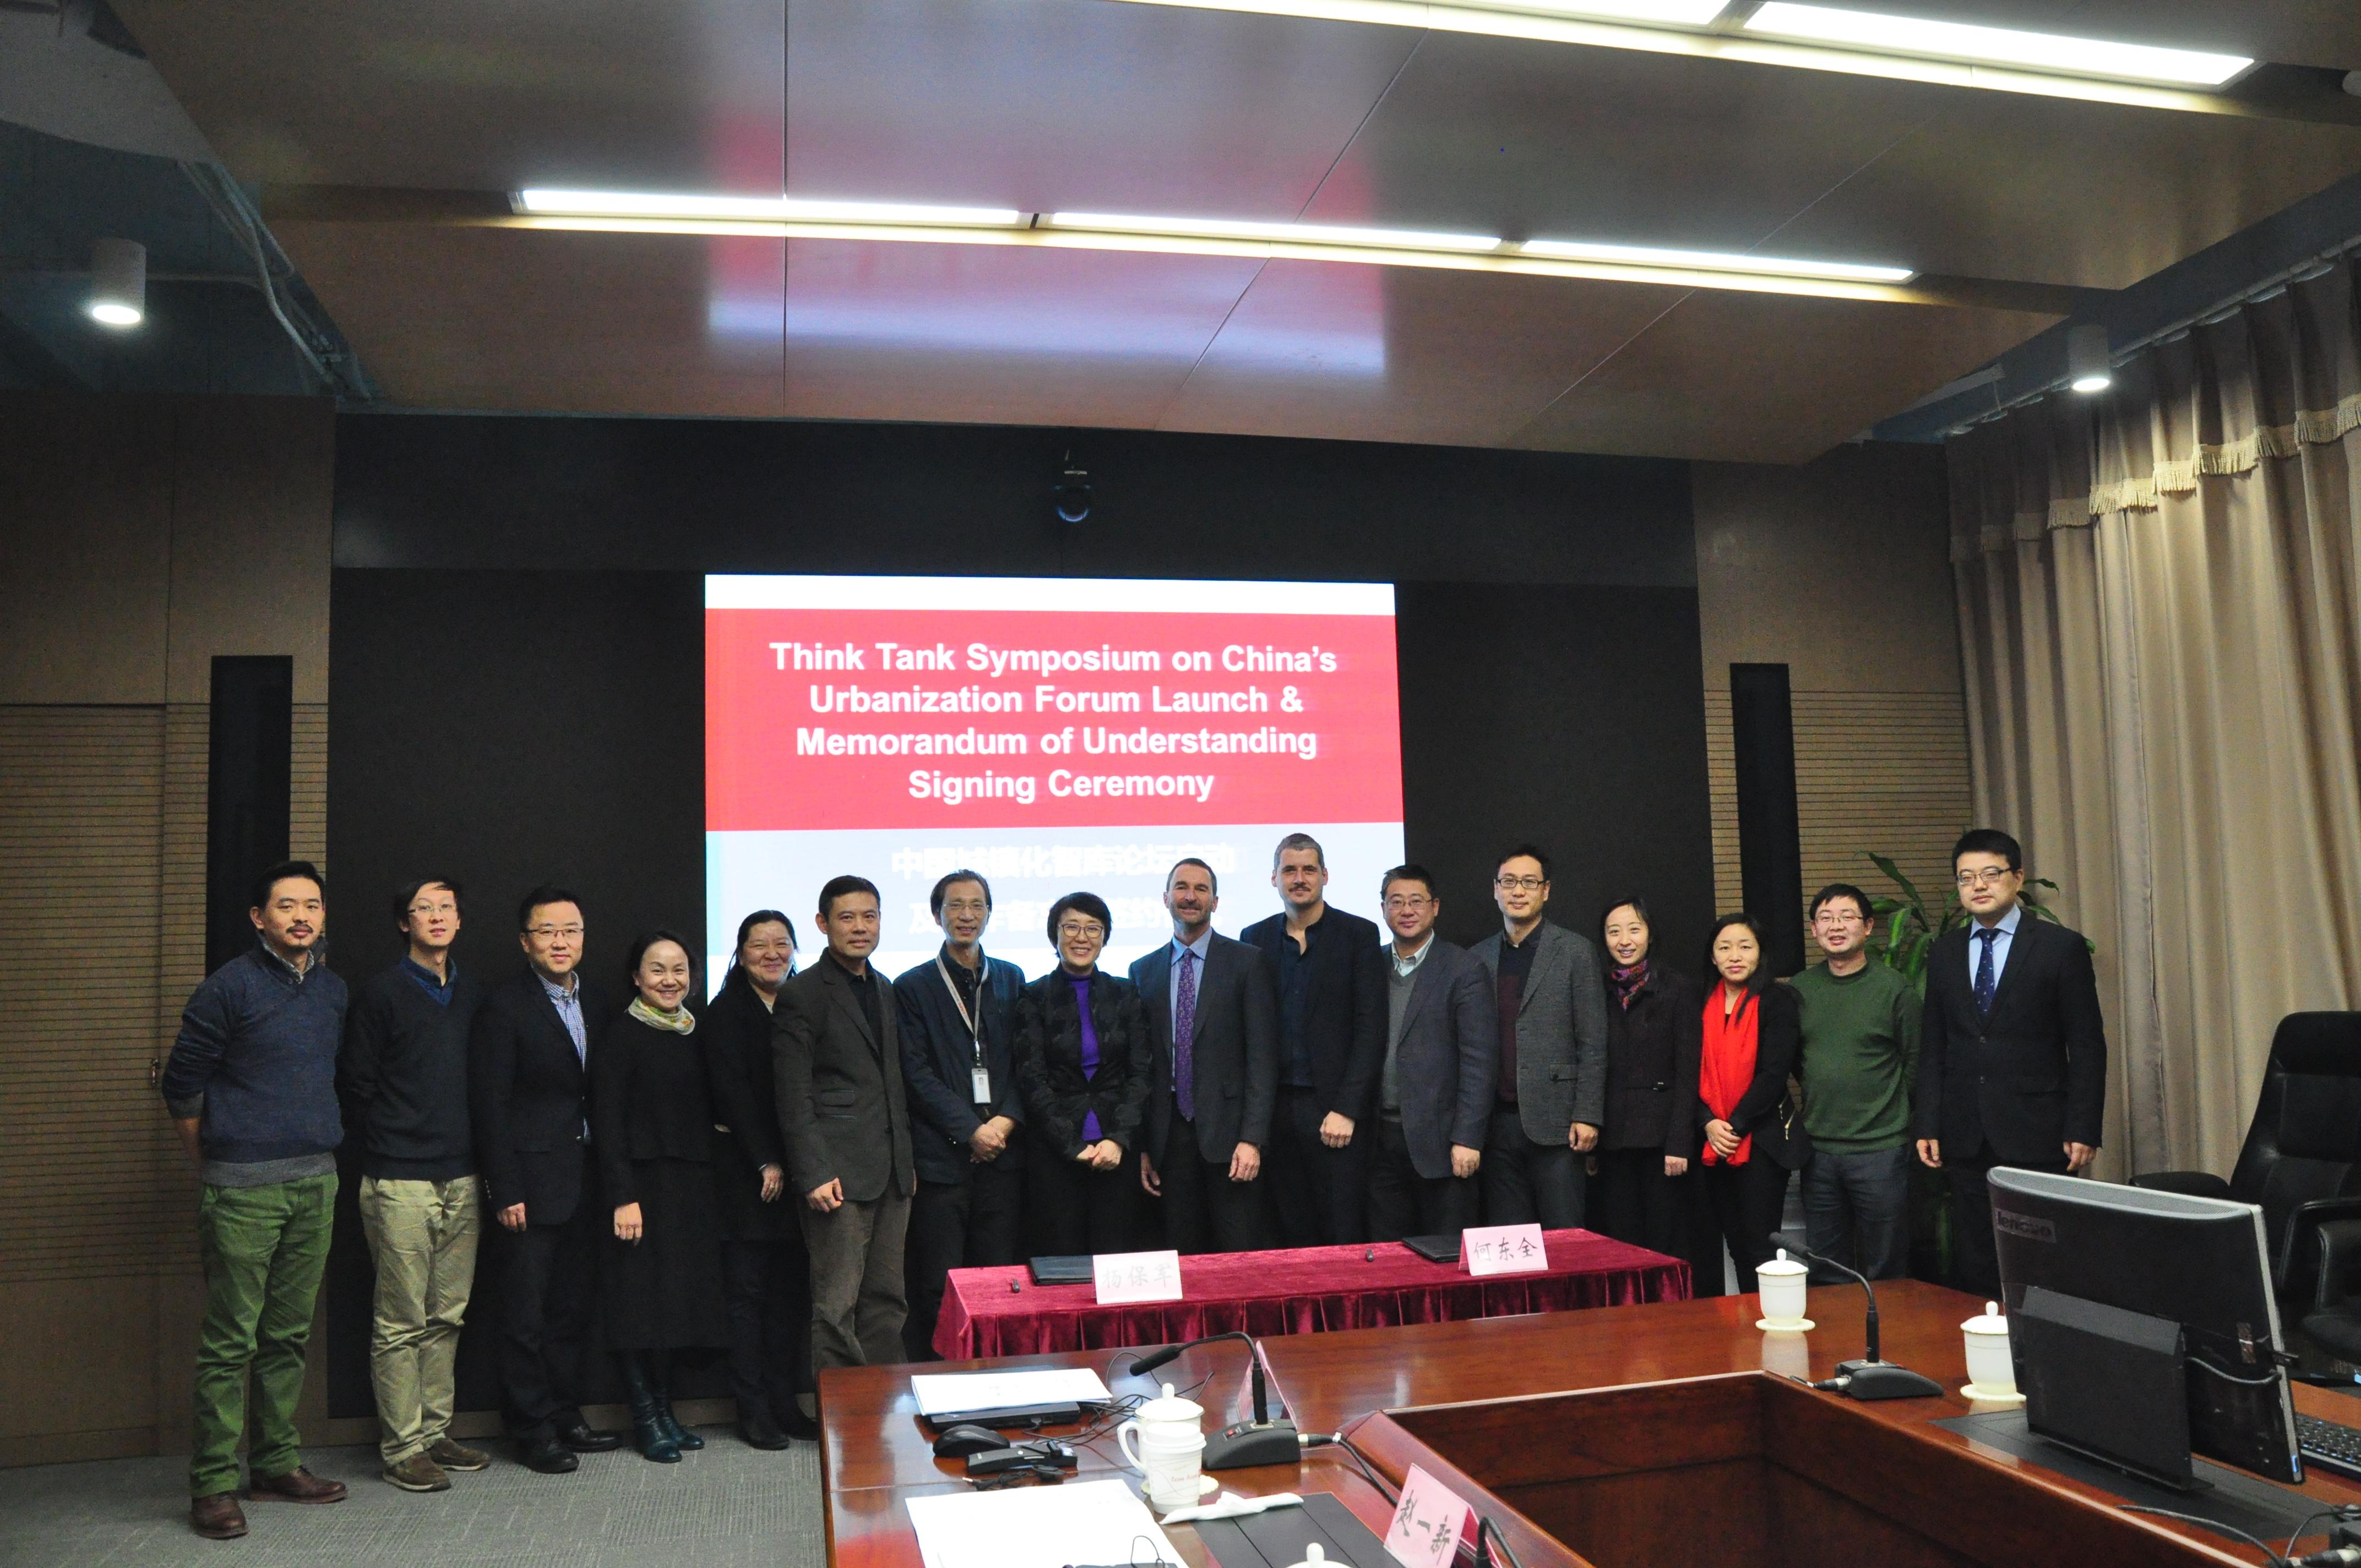 """中国城市规划设计院与能源基金会签署""""中国城镇化智库论坛""""合作备忘录"""